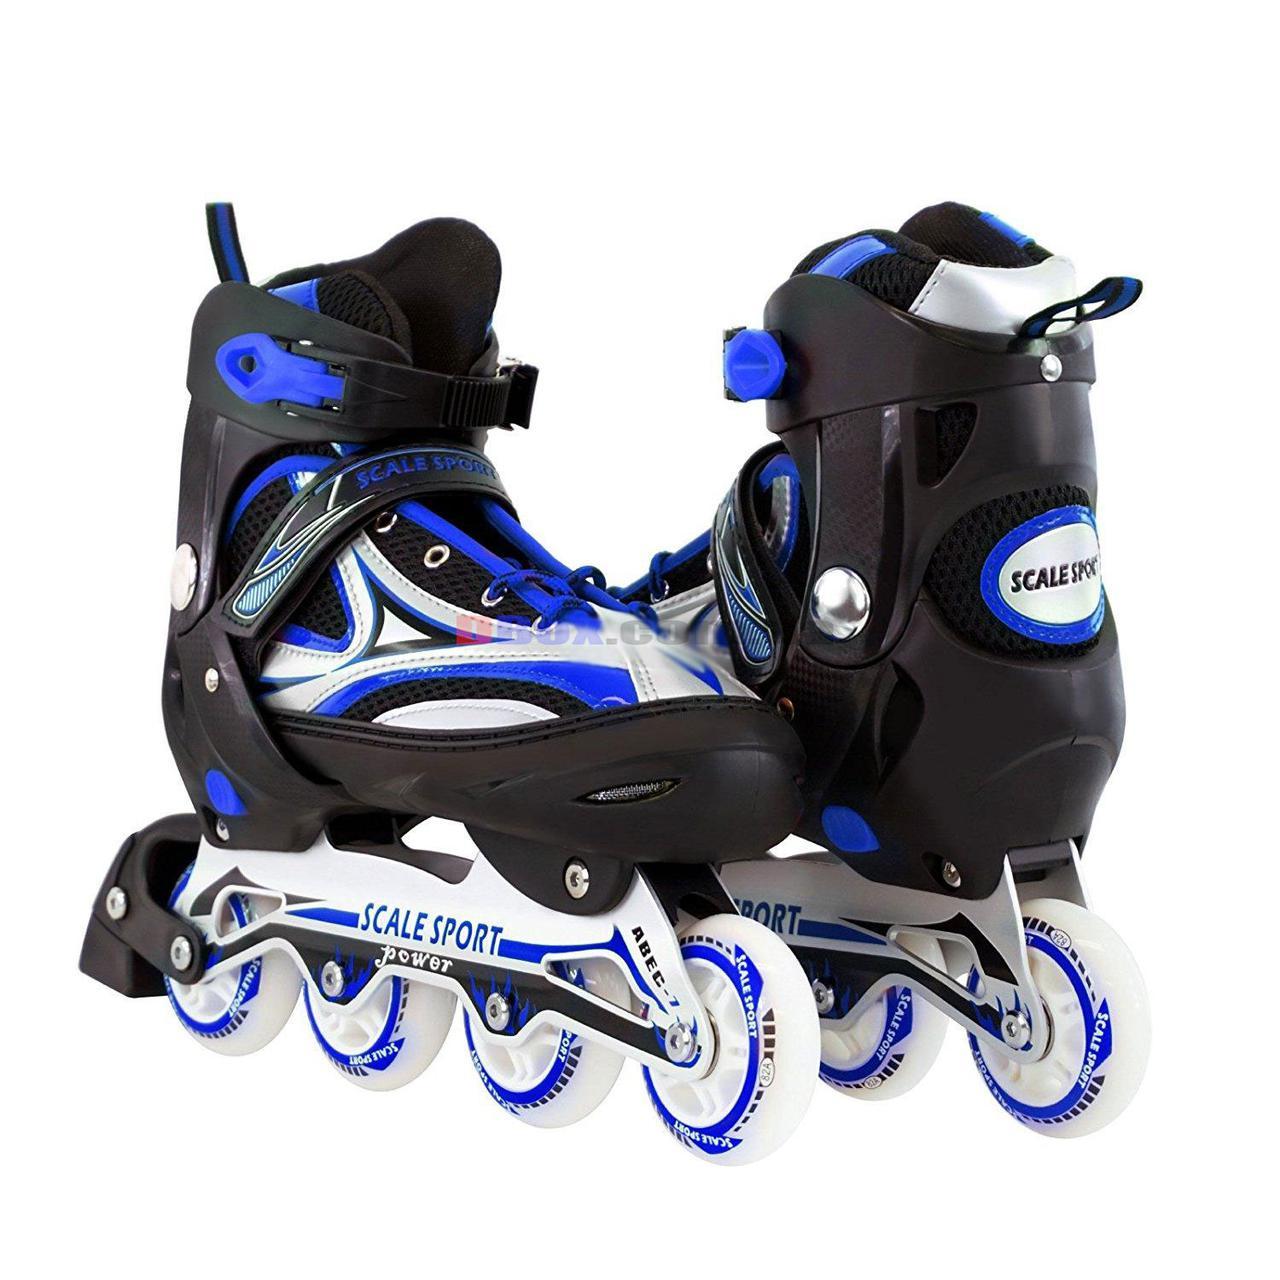 Ролики детские раздвижные Scale Sports Power - USA полиуретановые колеса 80мм произведено в США Синий (2T3002/41-44/BL)